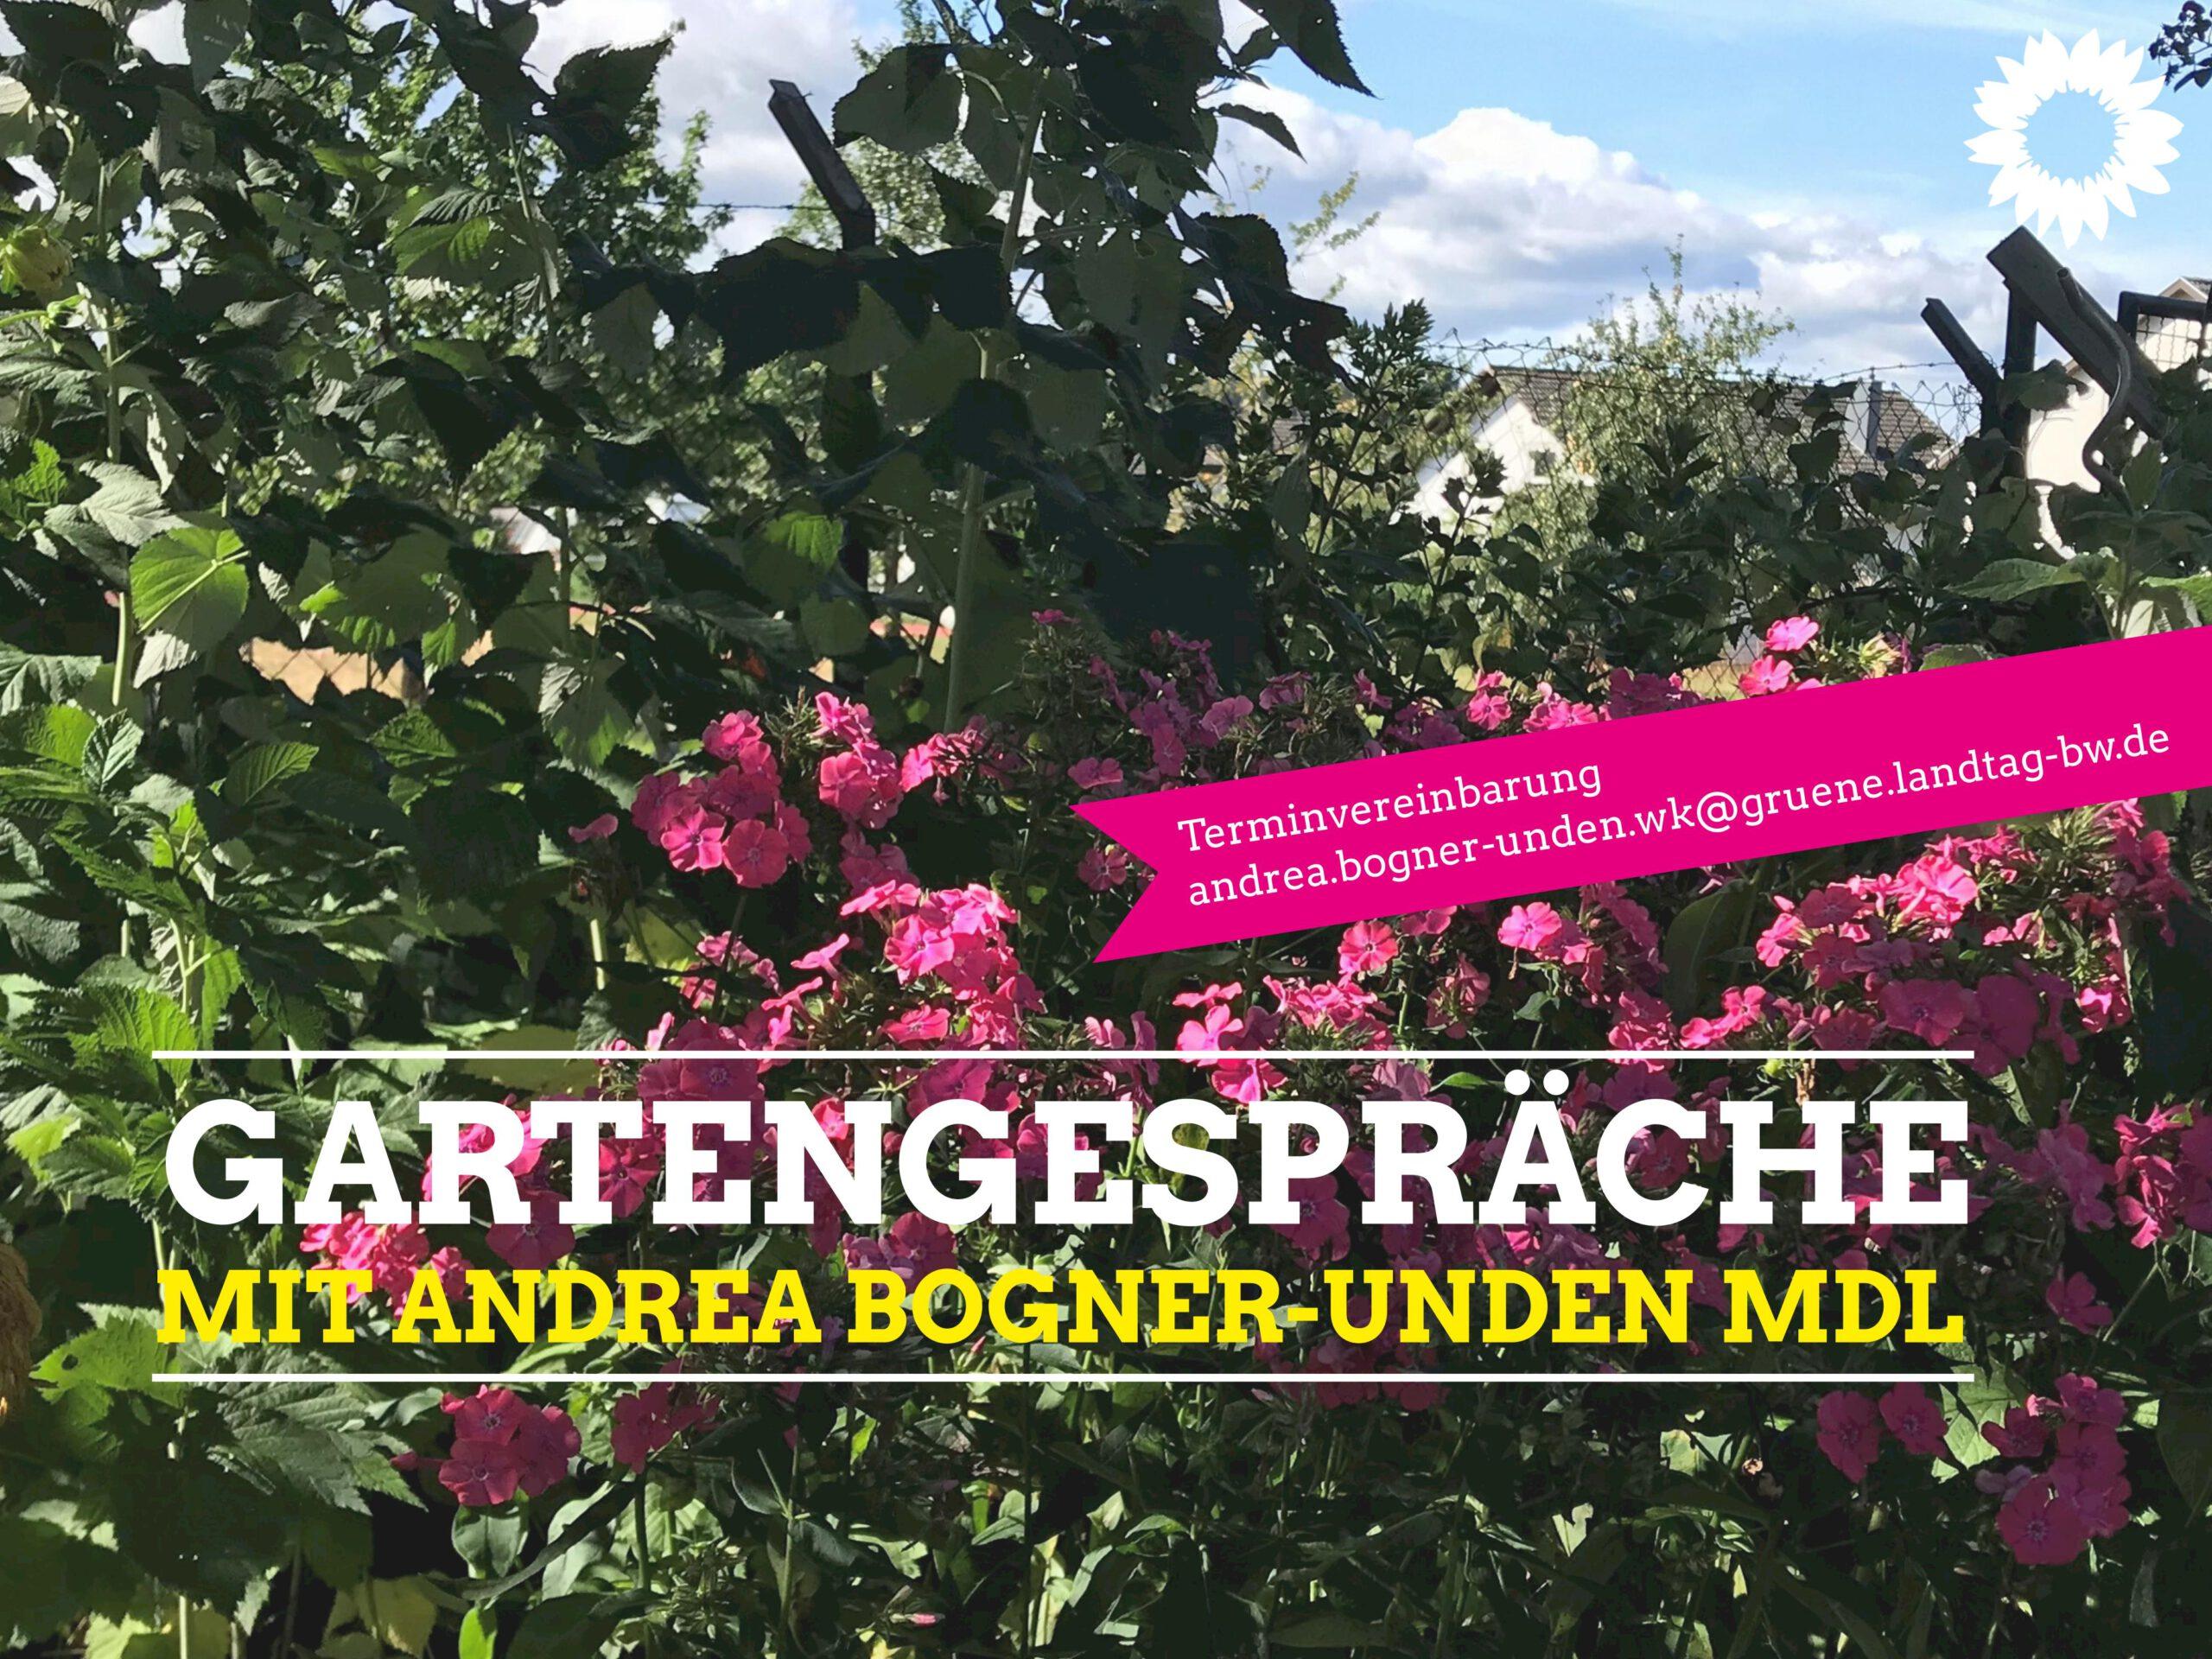 Gartengespräche mit Andrea Bogner-Unden MdL